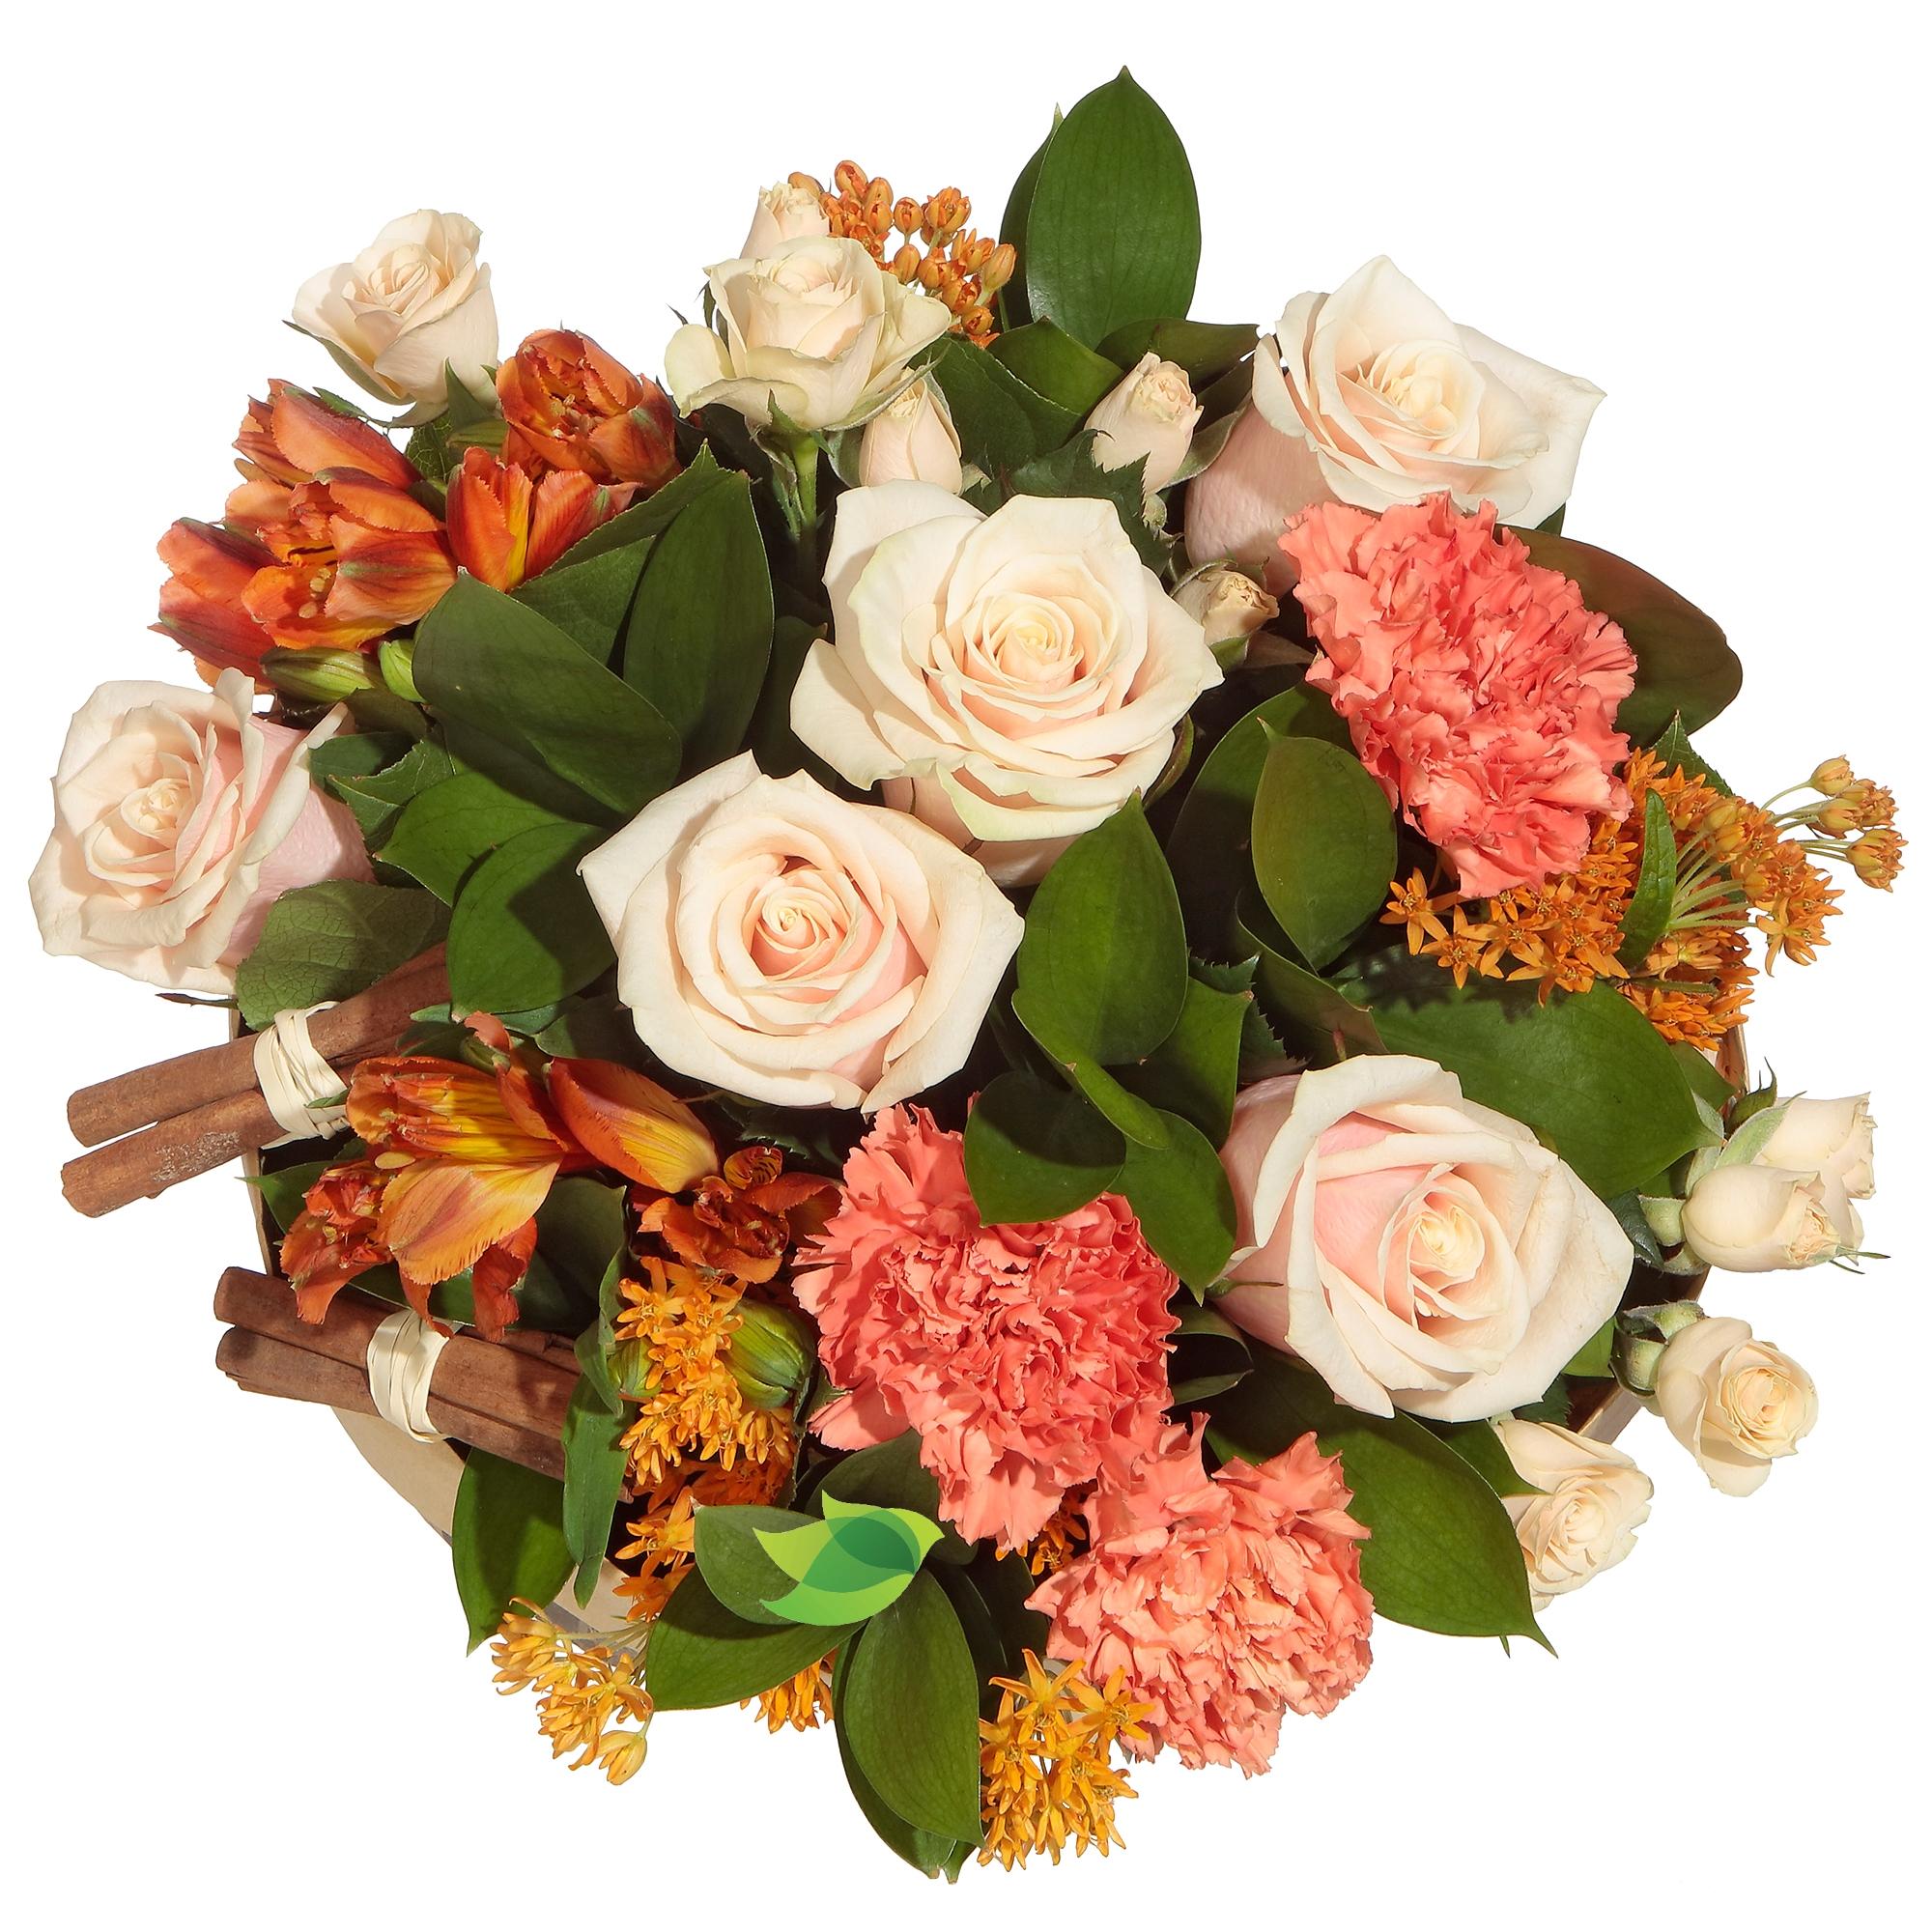 Фото букета: Розы и асклепиас